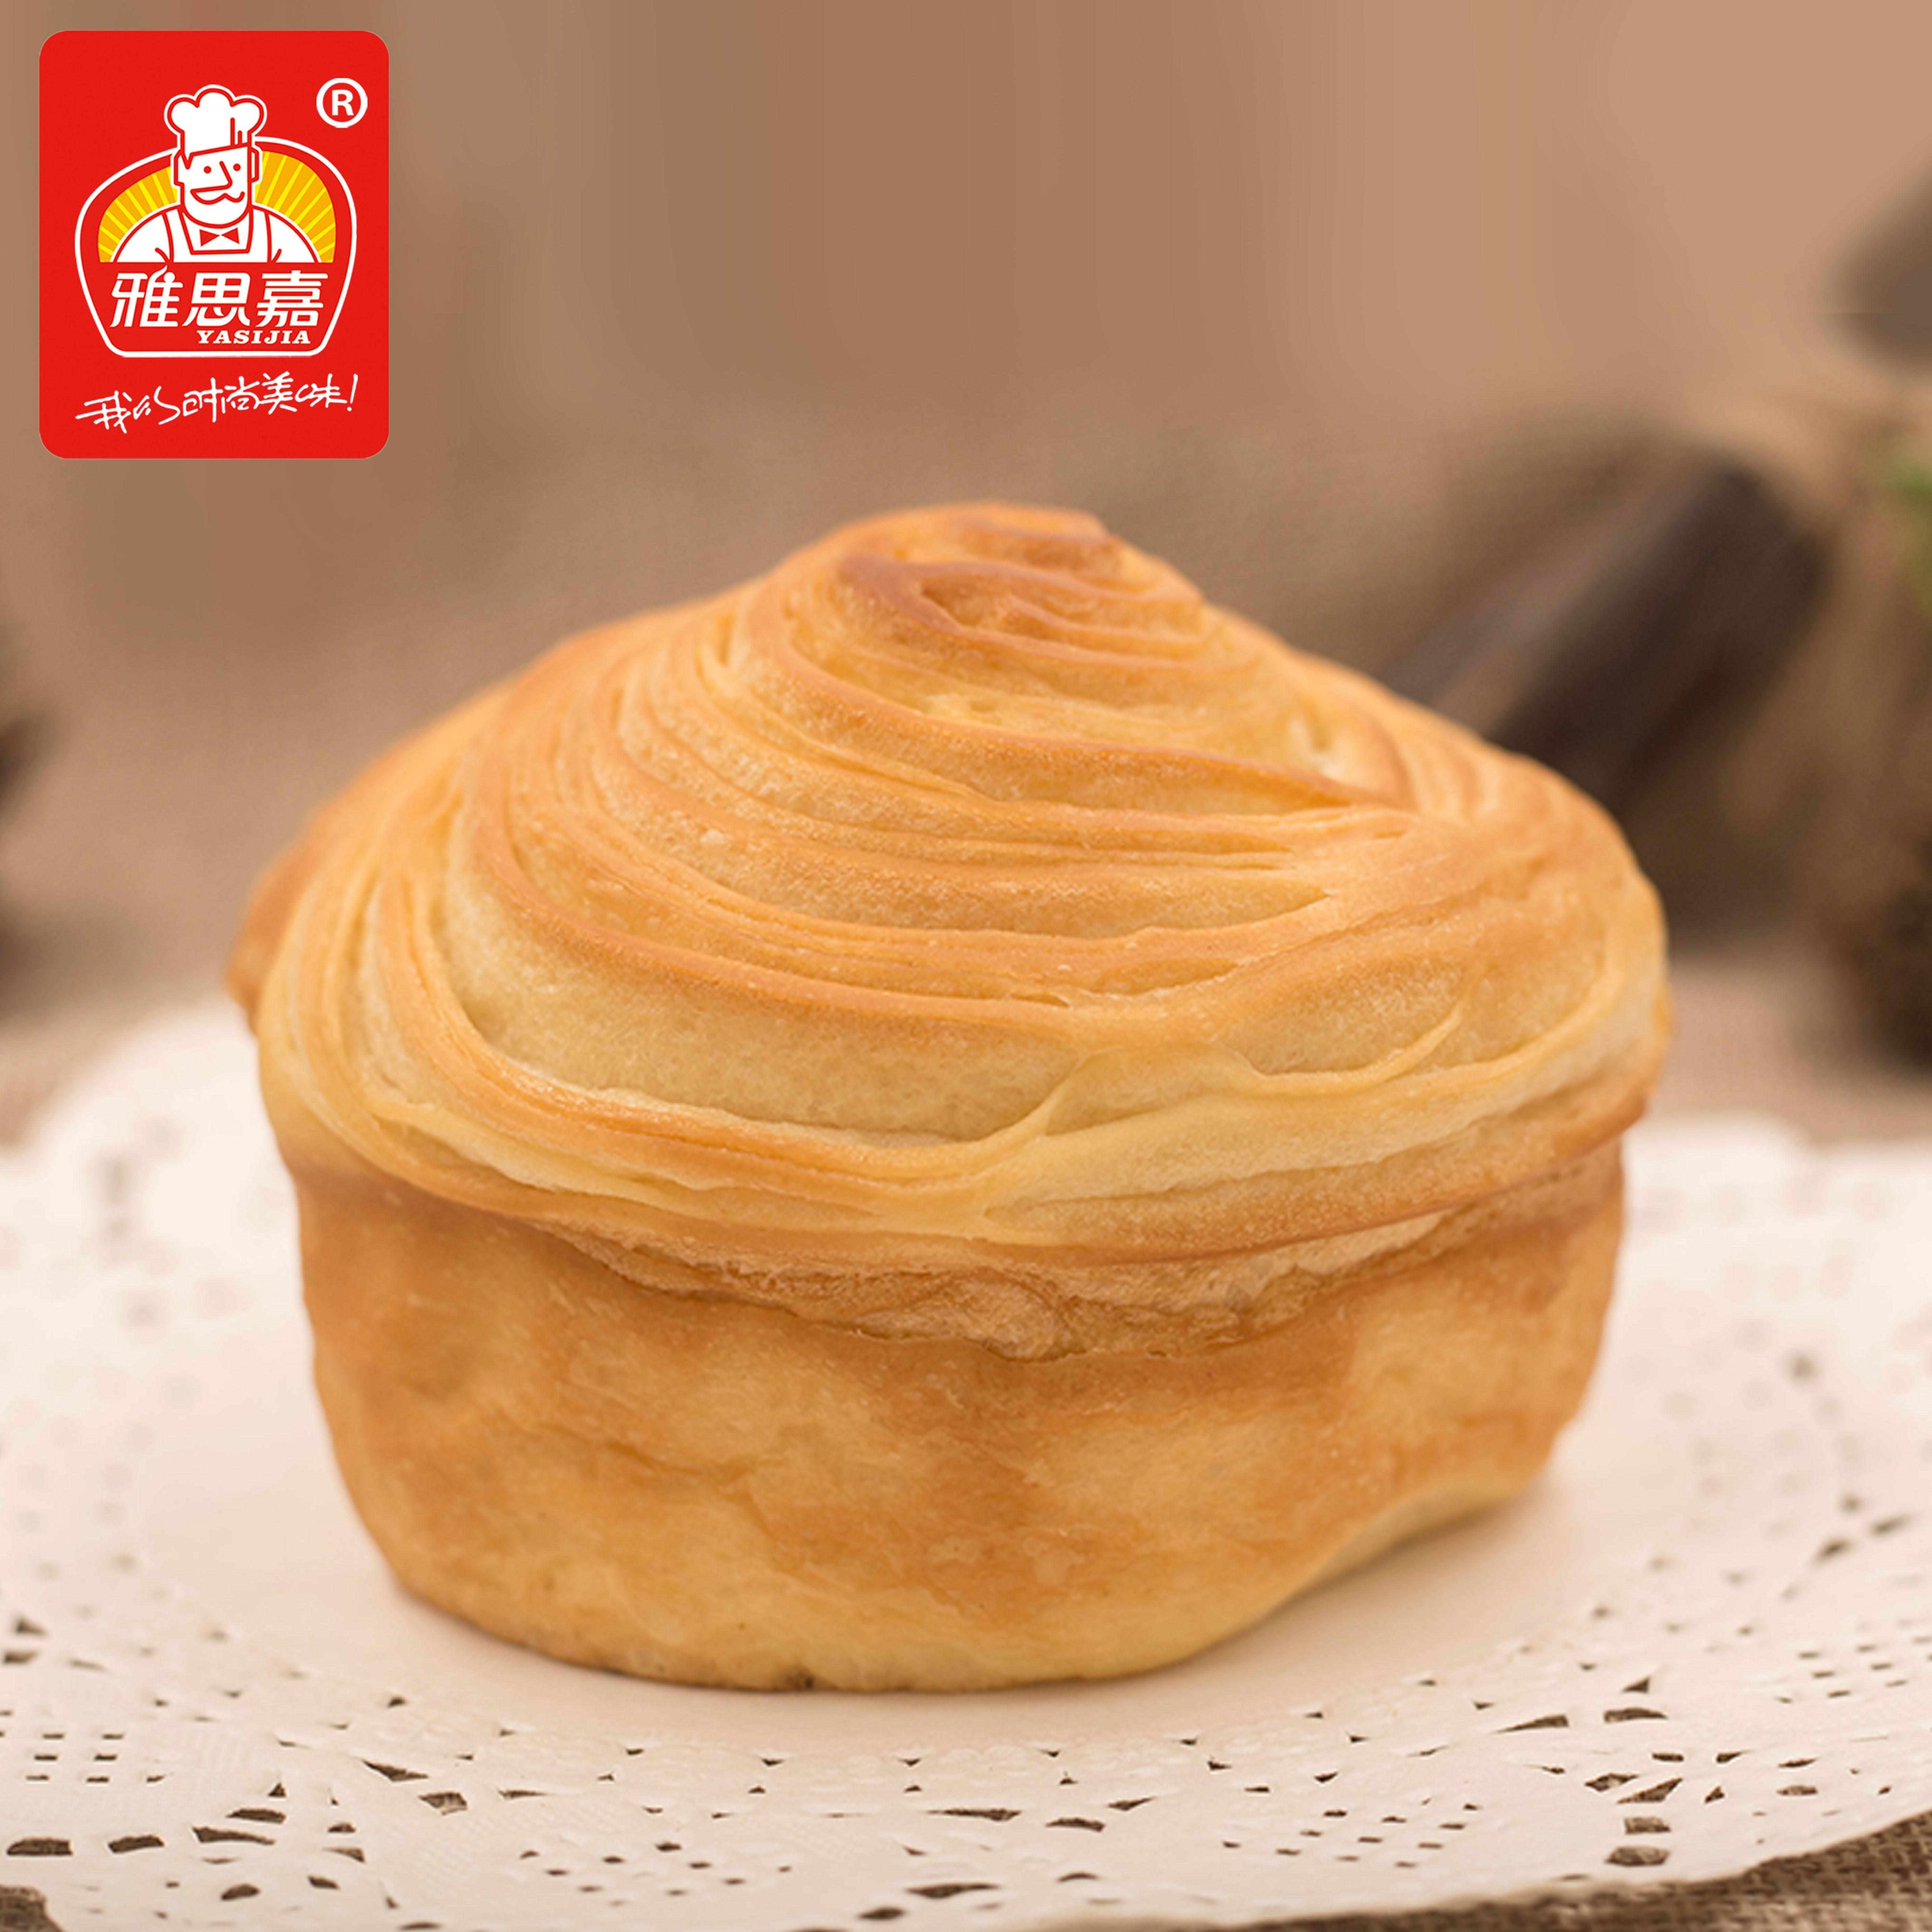 雅思嘉 手撕麵包800g好吃的零食營養早餐糕點點心全麥軟麵包整箱